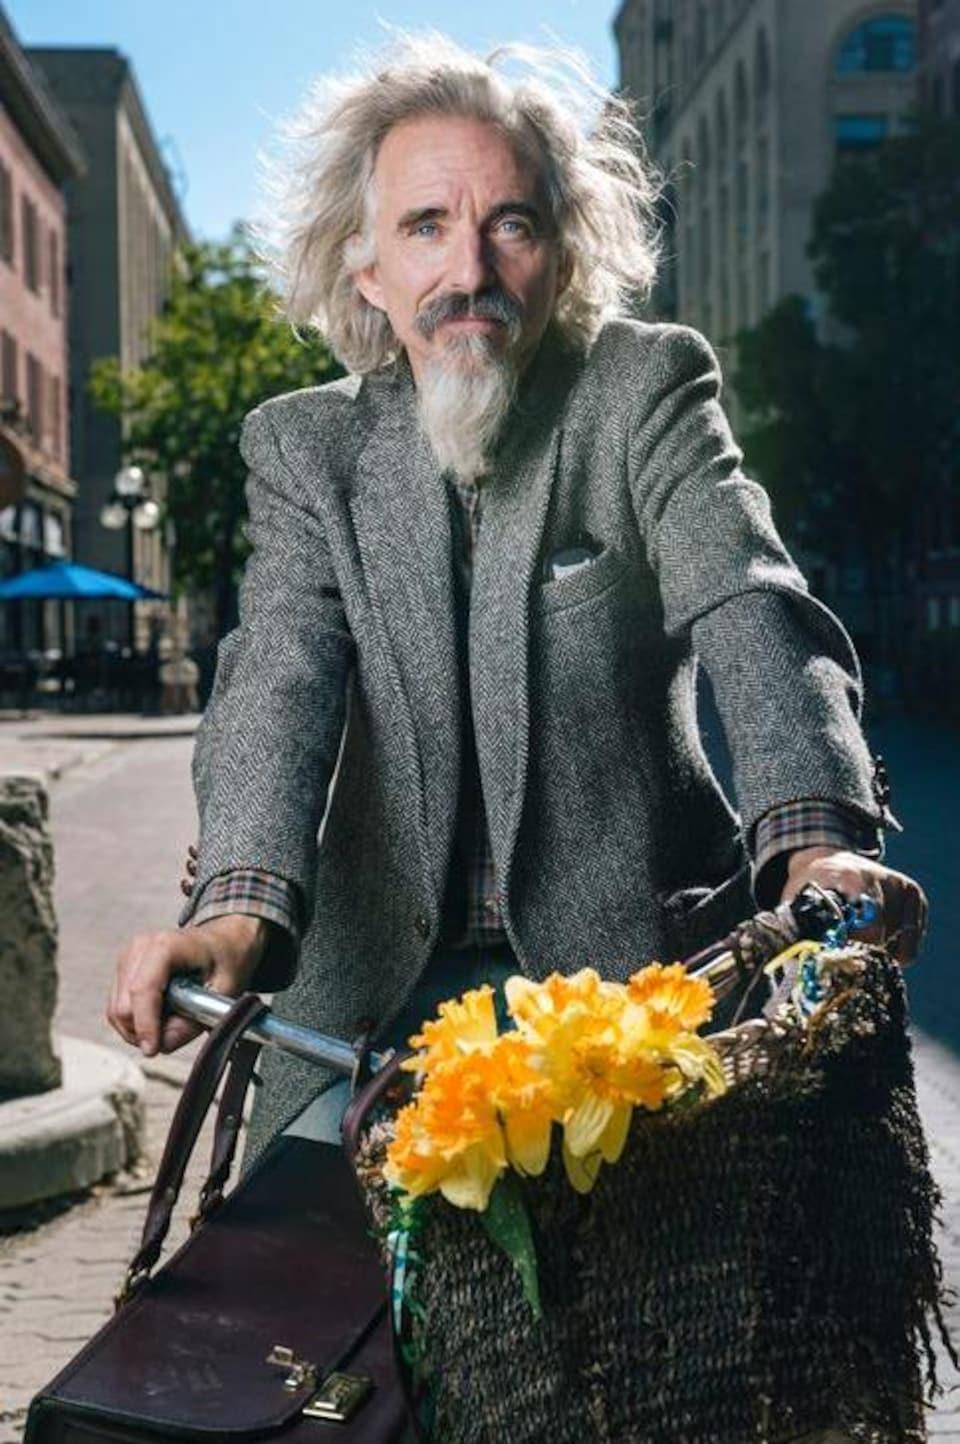 Un homme avec une barbichette sur un vélo avec des fleurs.